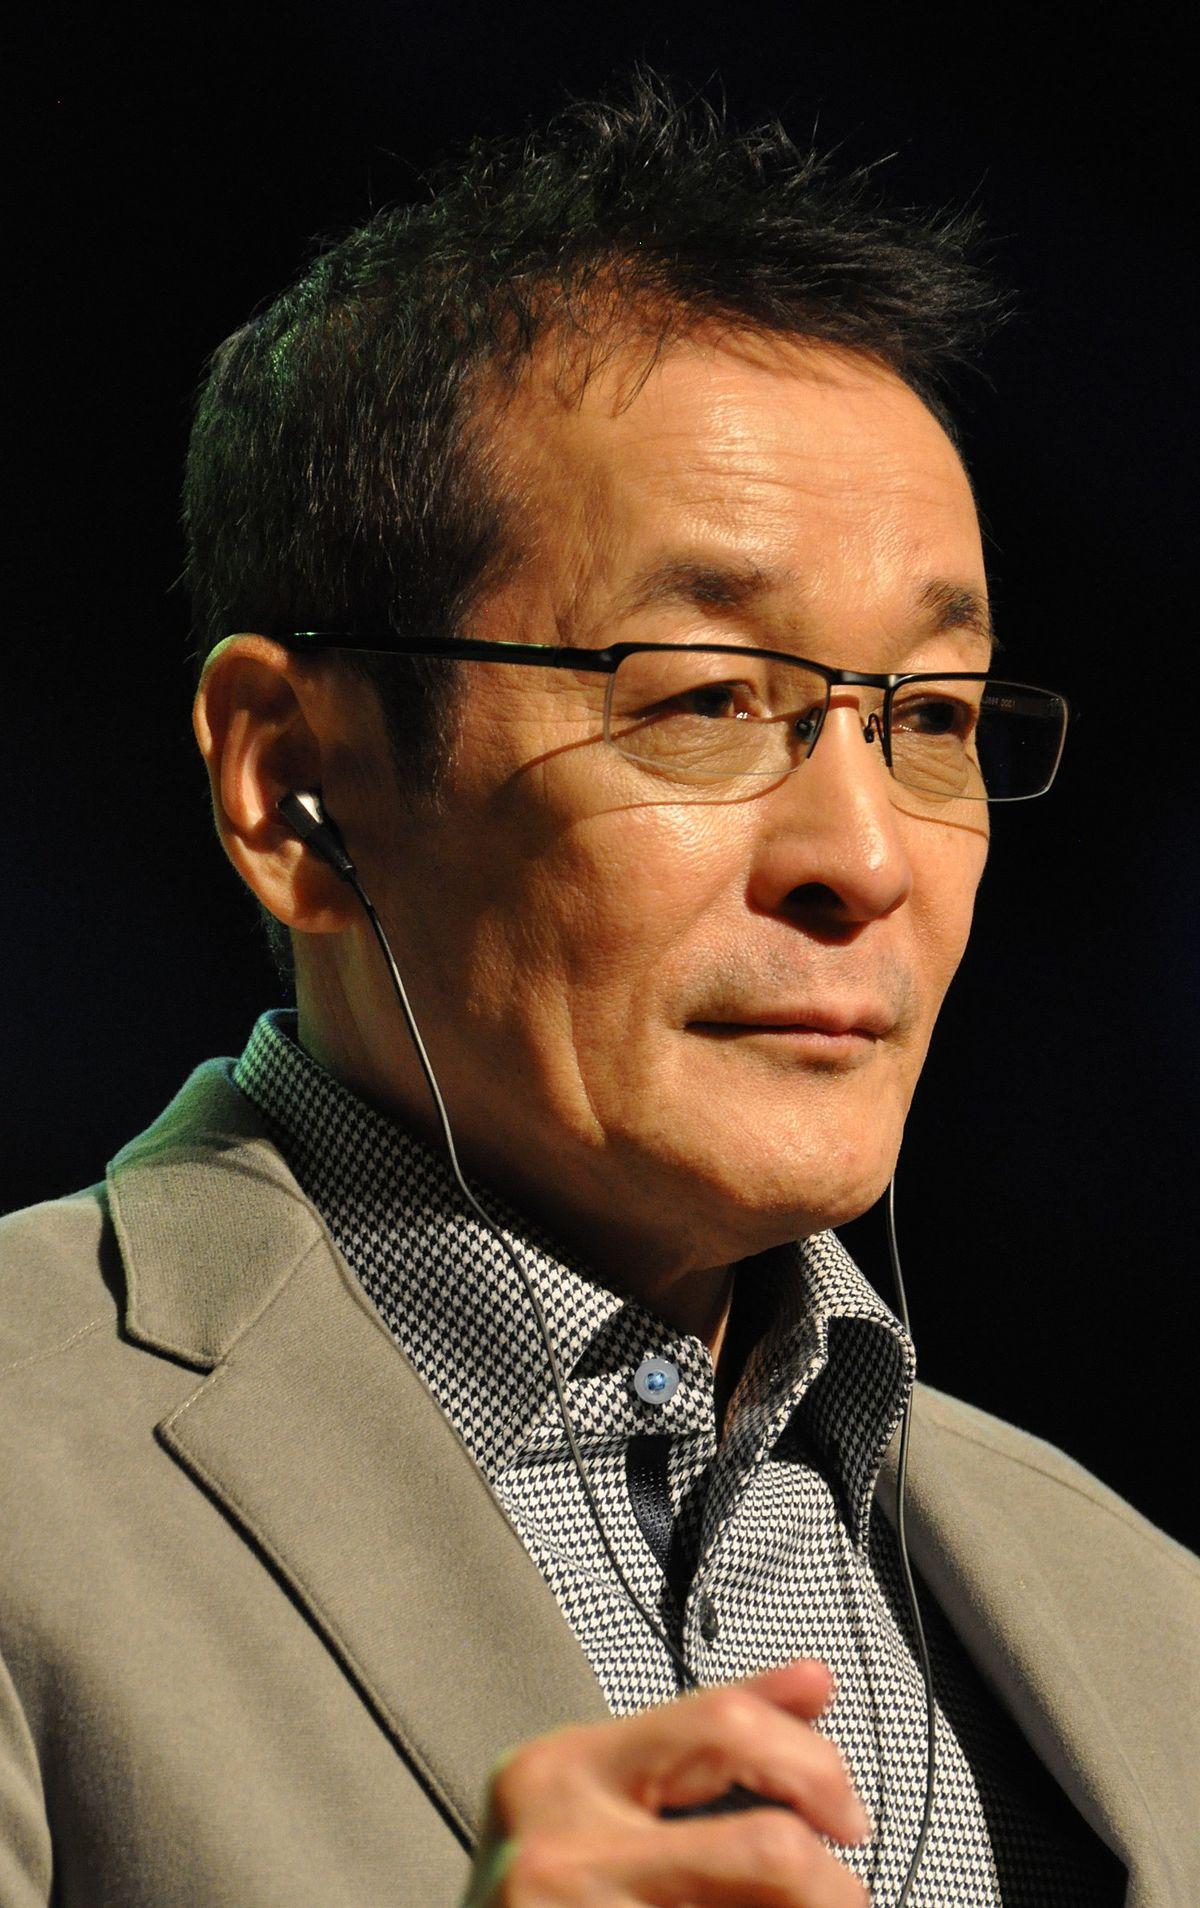 Norio Wakamoto - Wikidata